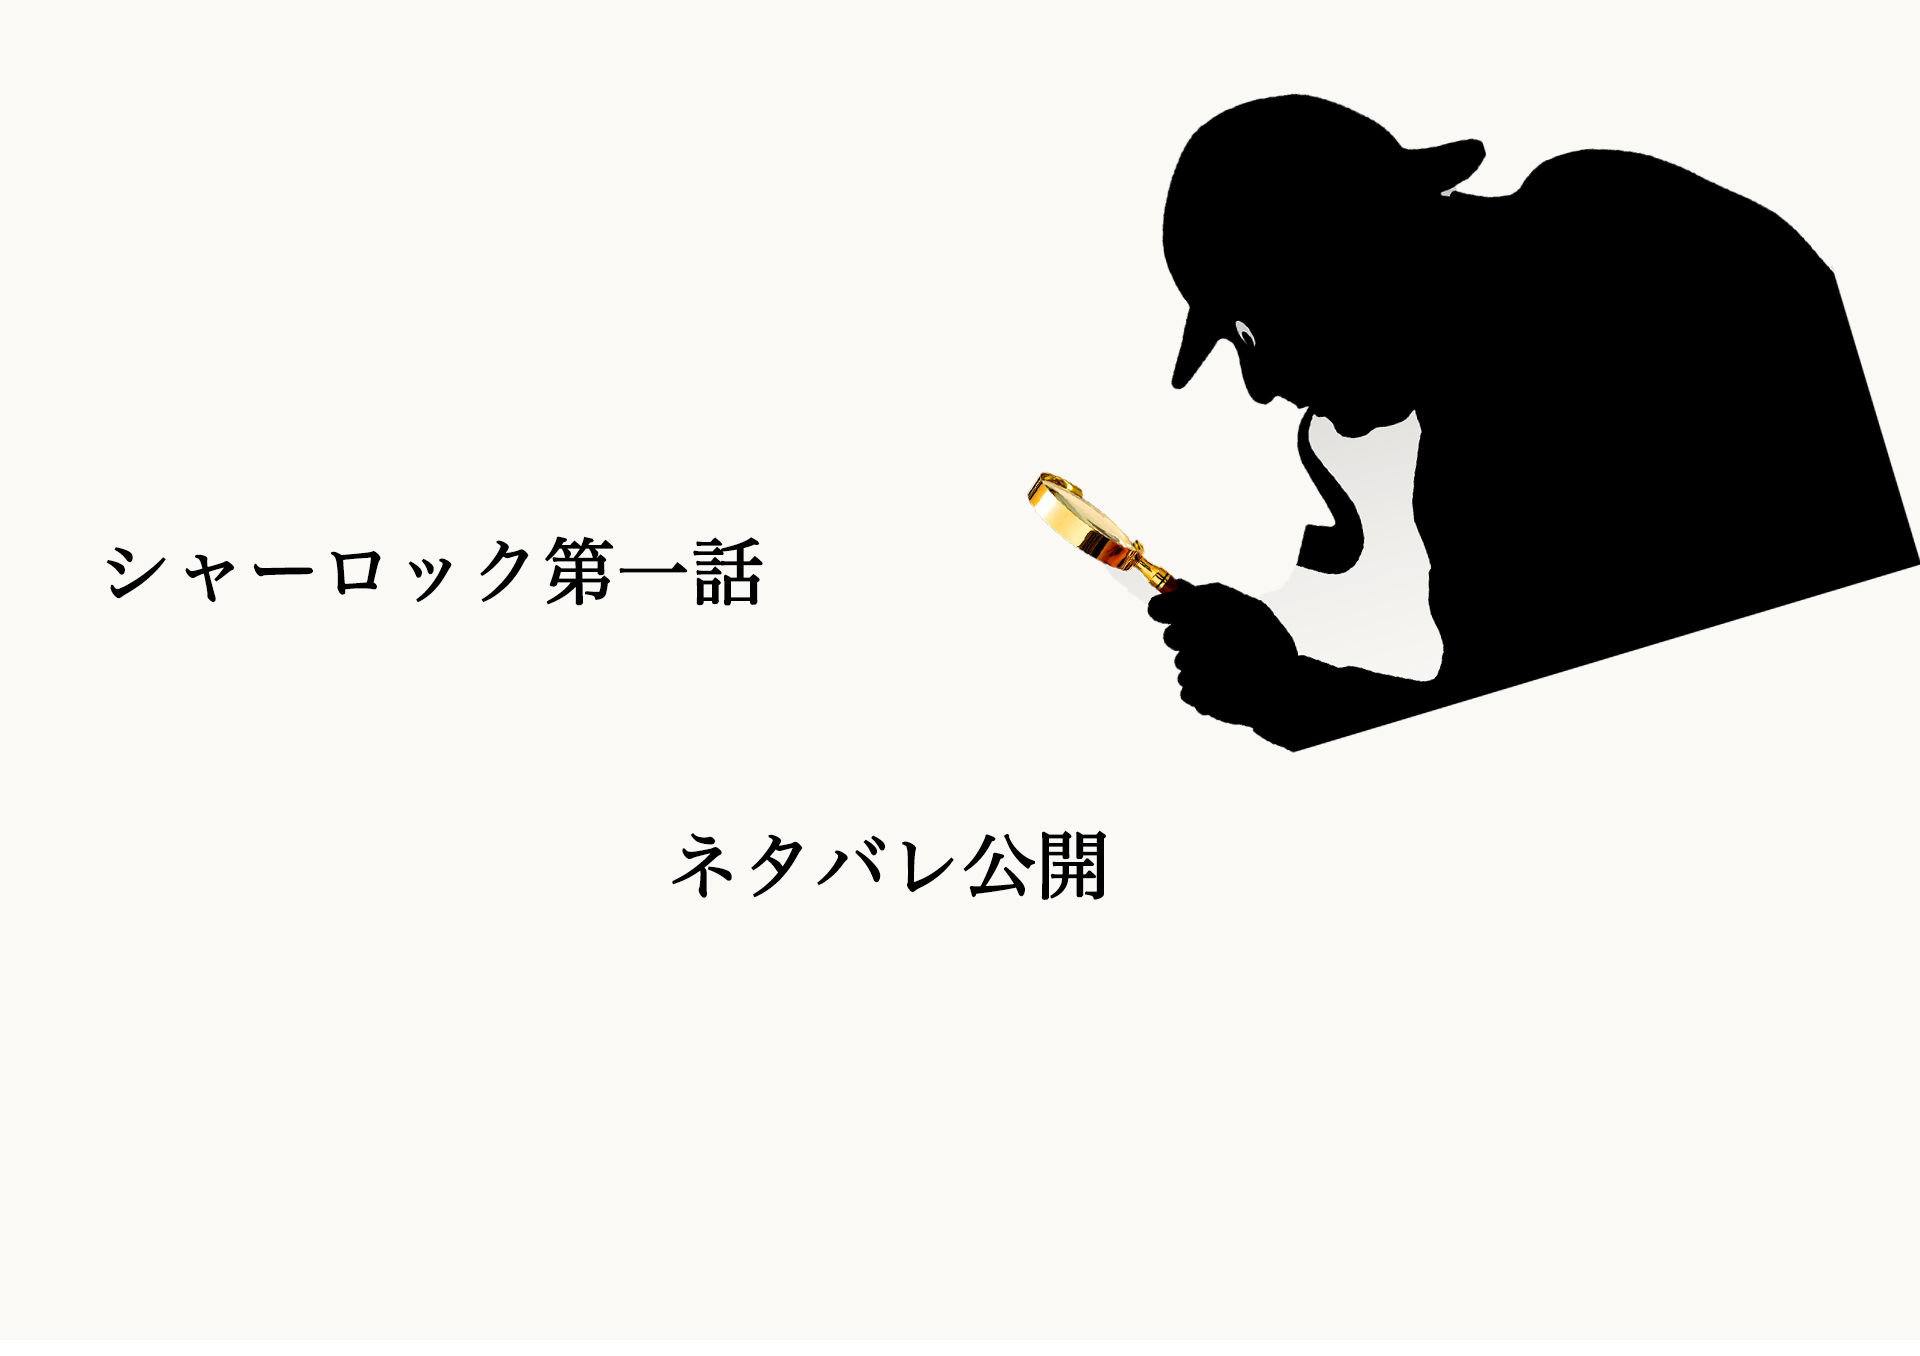 「シャーロック」第1話のネタバレ!見逃したら配信動画で無料視聴できる?